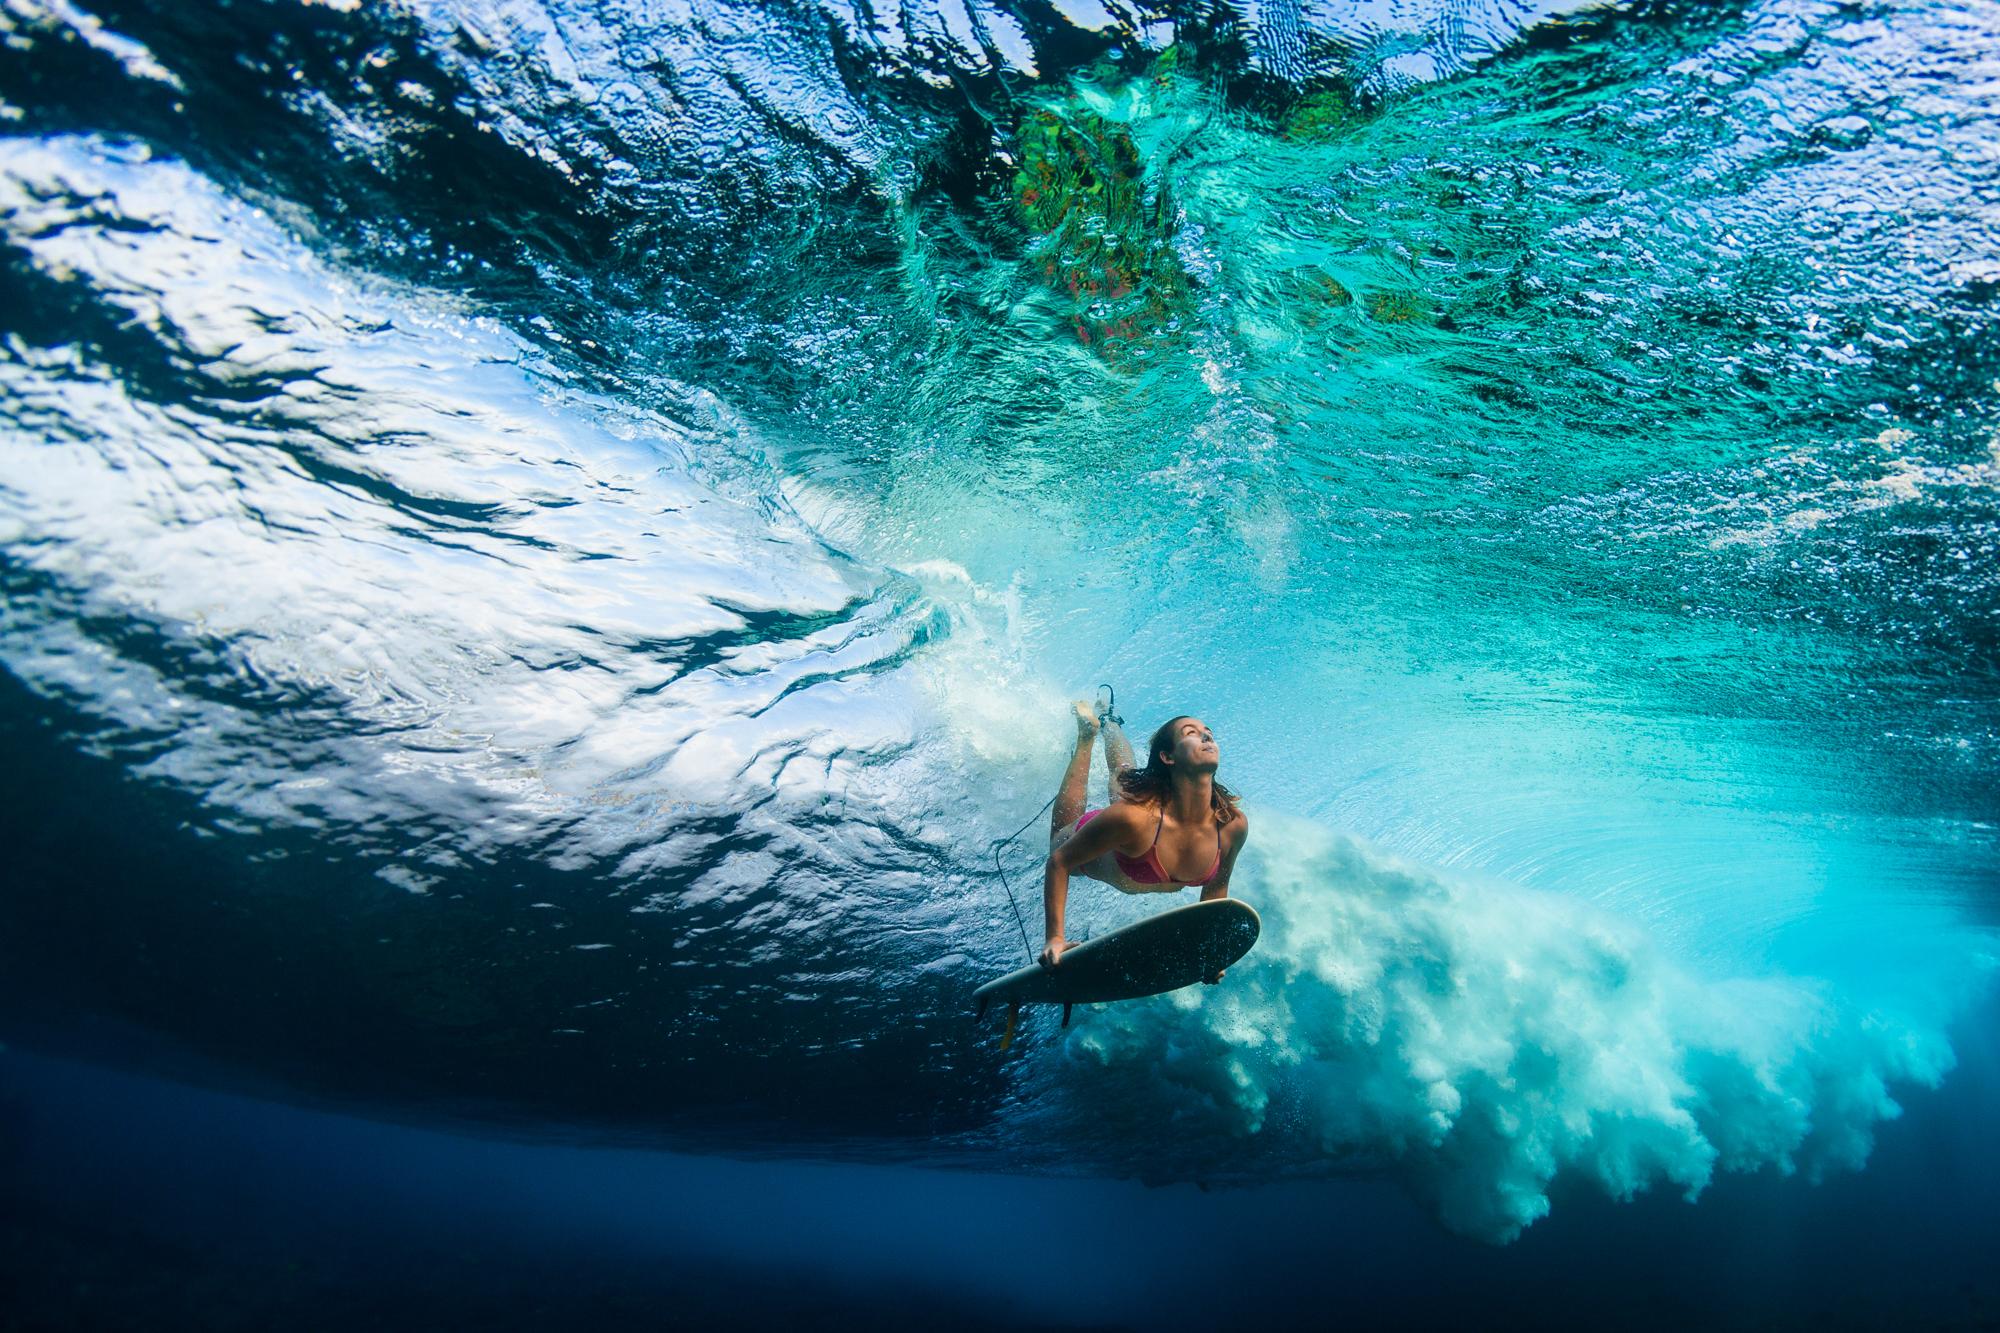 Anna Ehrgott - prAna Surf Ambassador